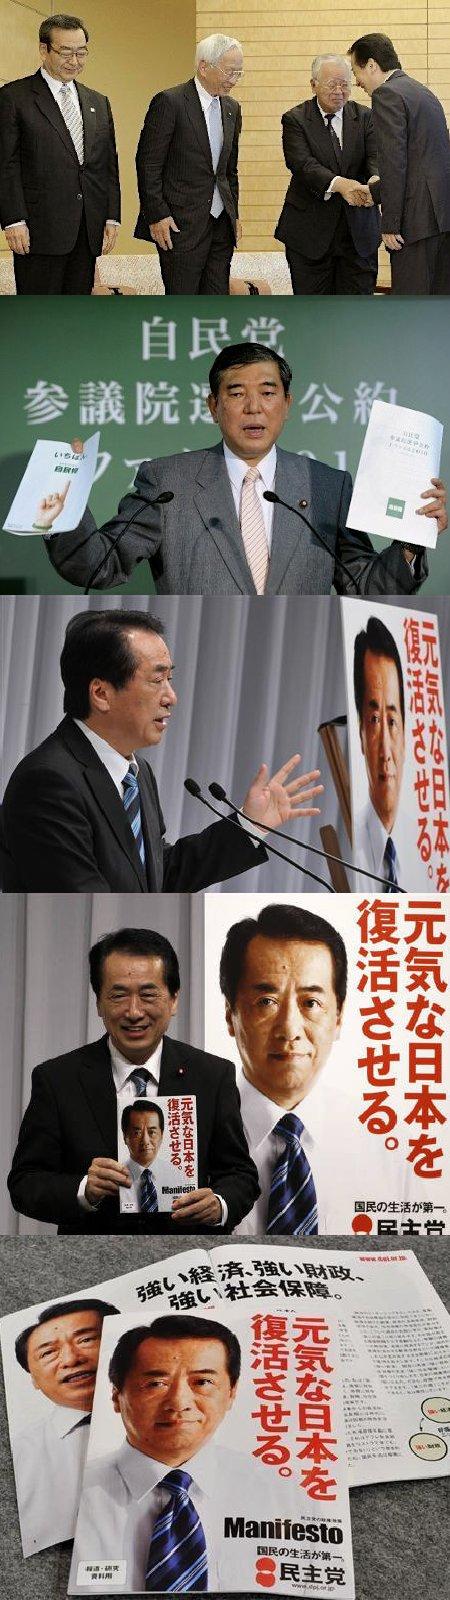 菅直人の消費税10宣告_z